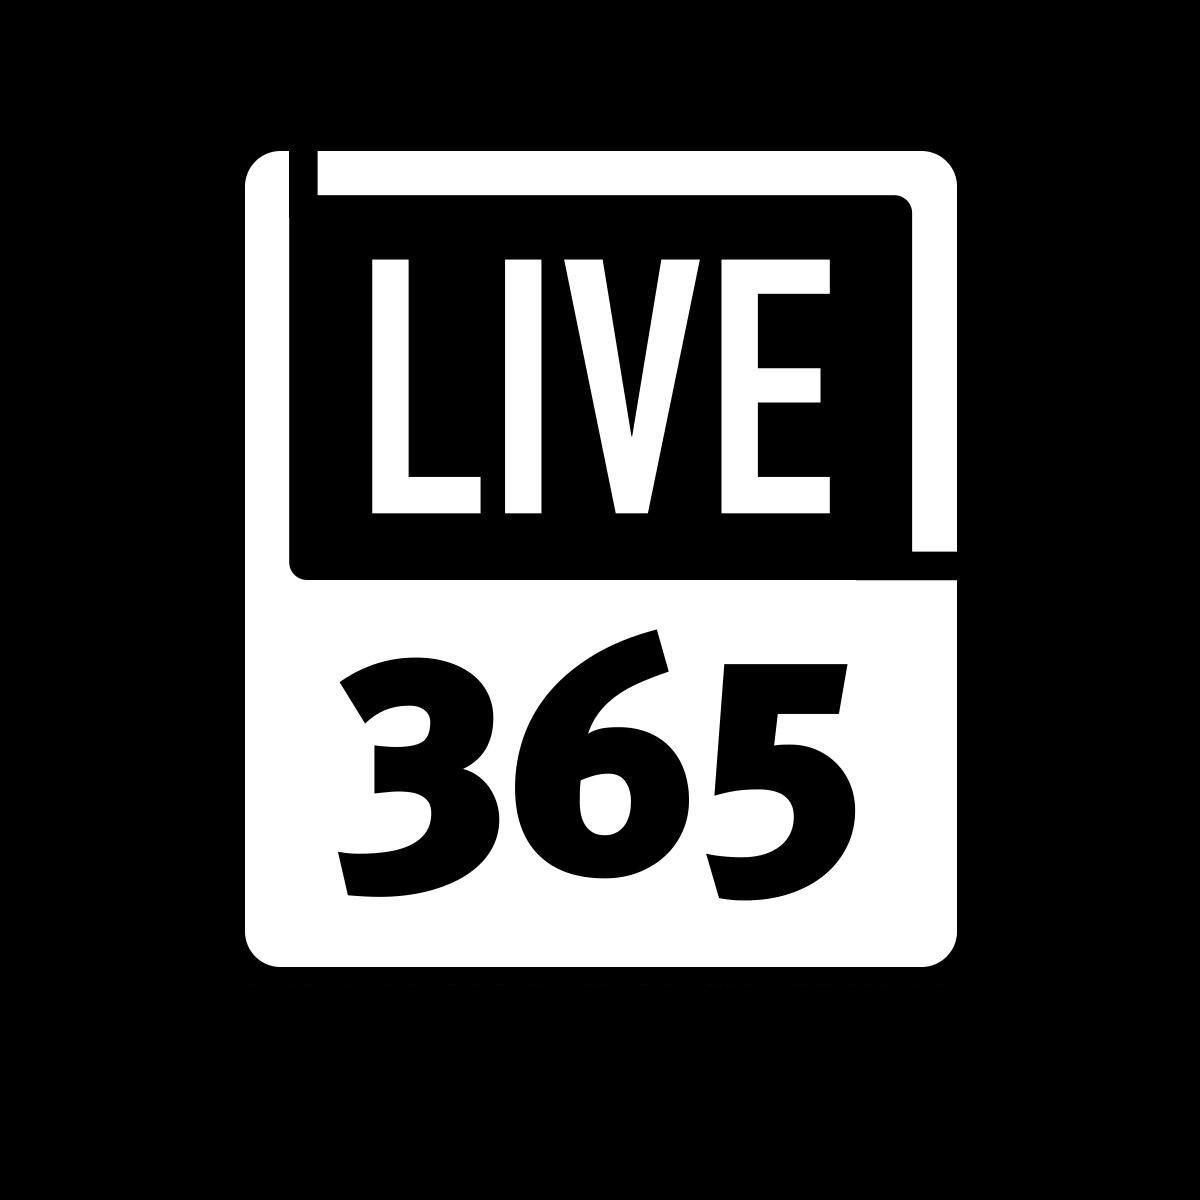 Art for ADBREAK_30000 2 by Live365